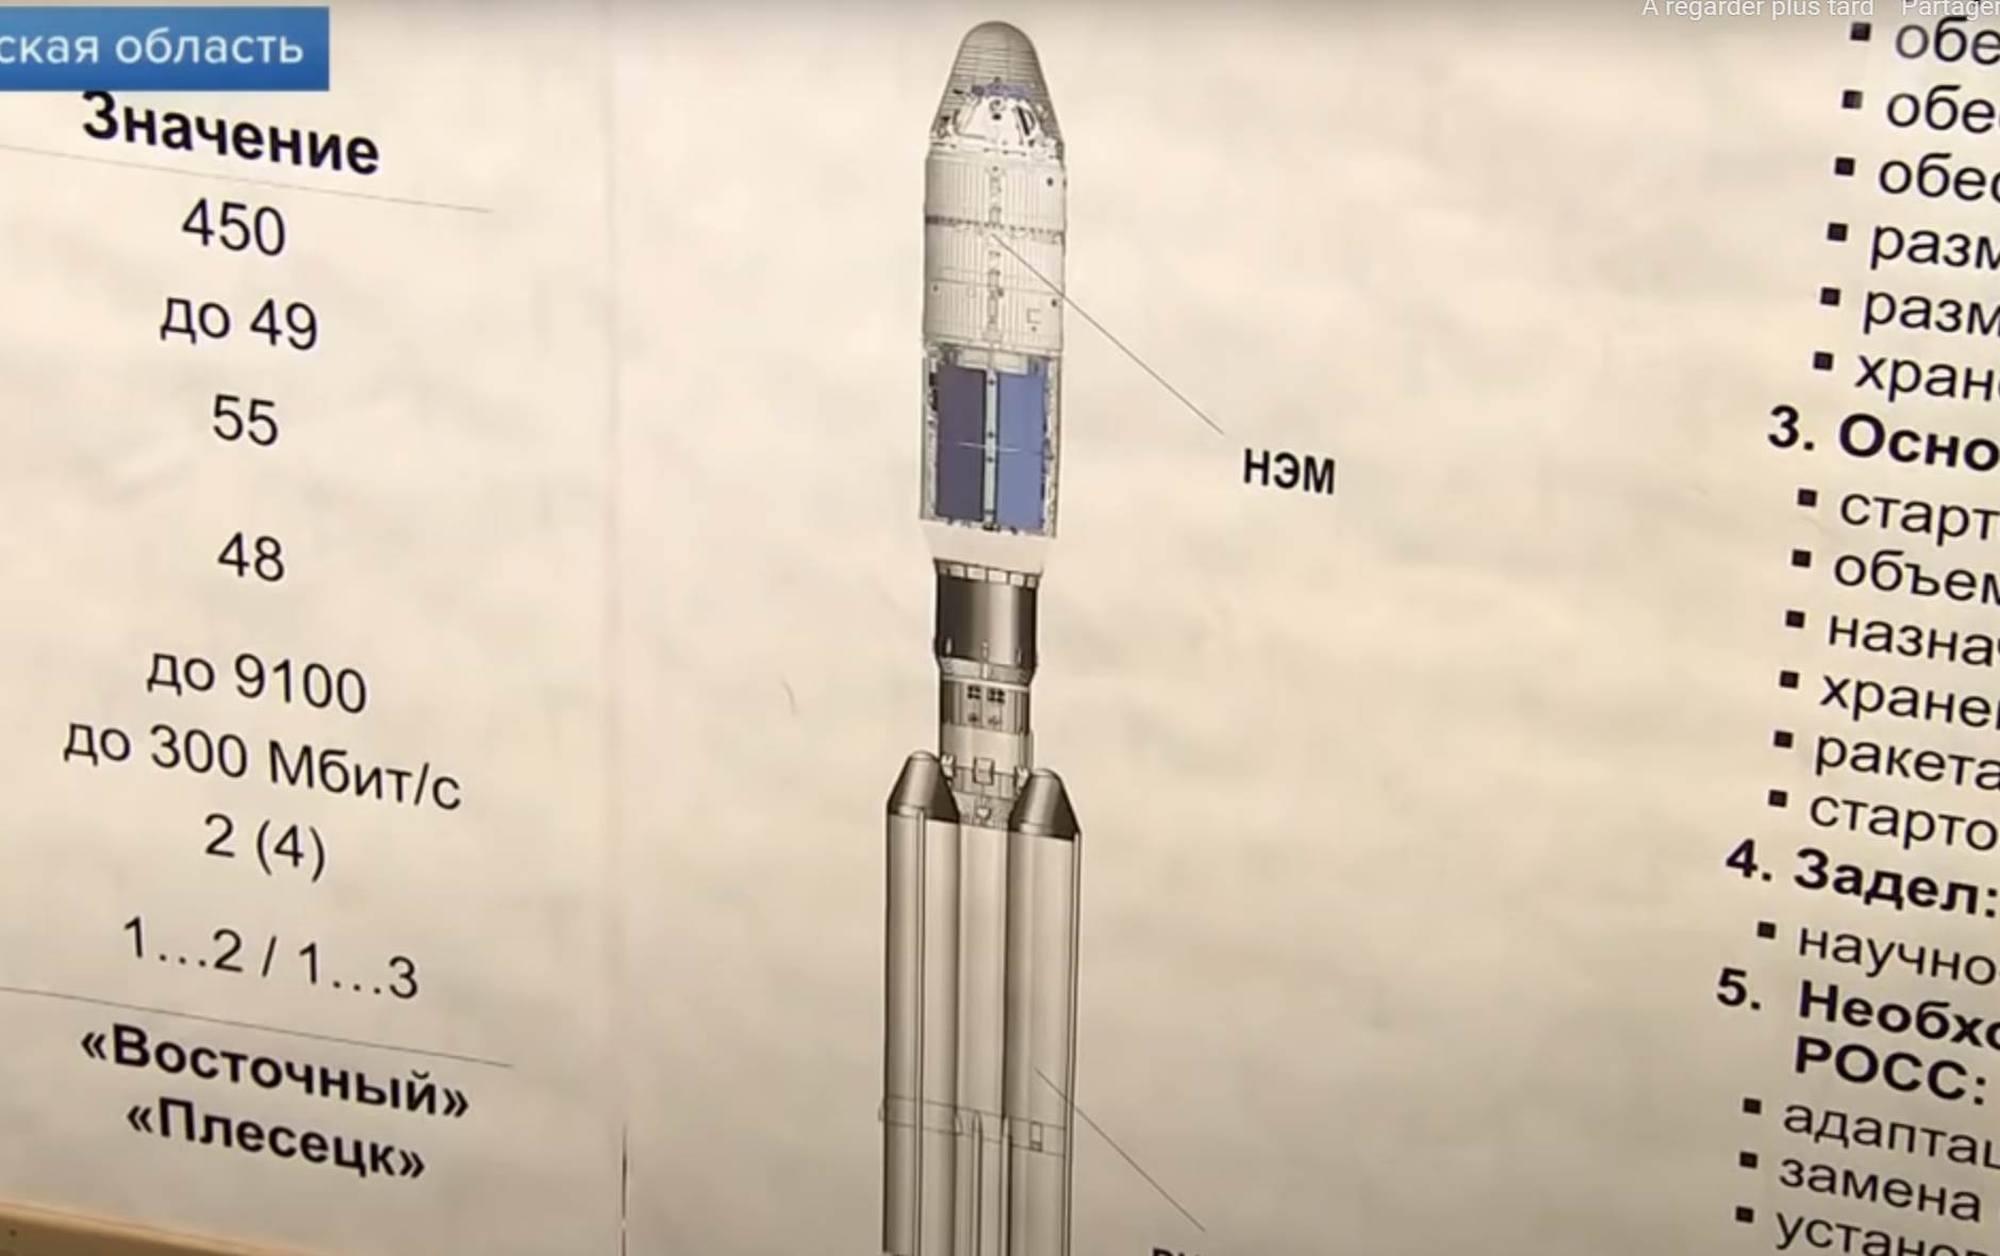 Le NEM, le premier élément de ROSS sera satellisé par un lanceur Angara A5M si on en croit le schéma montré.